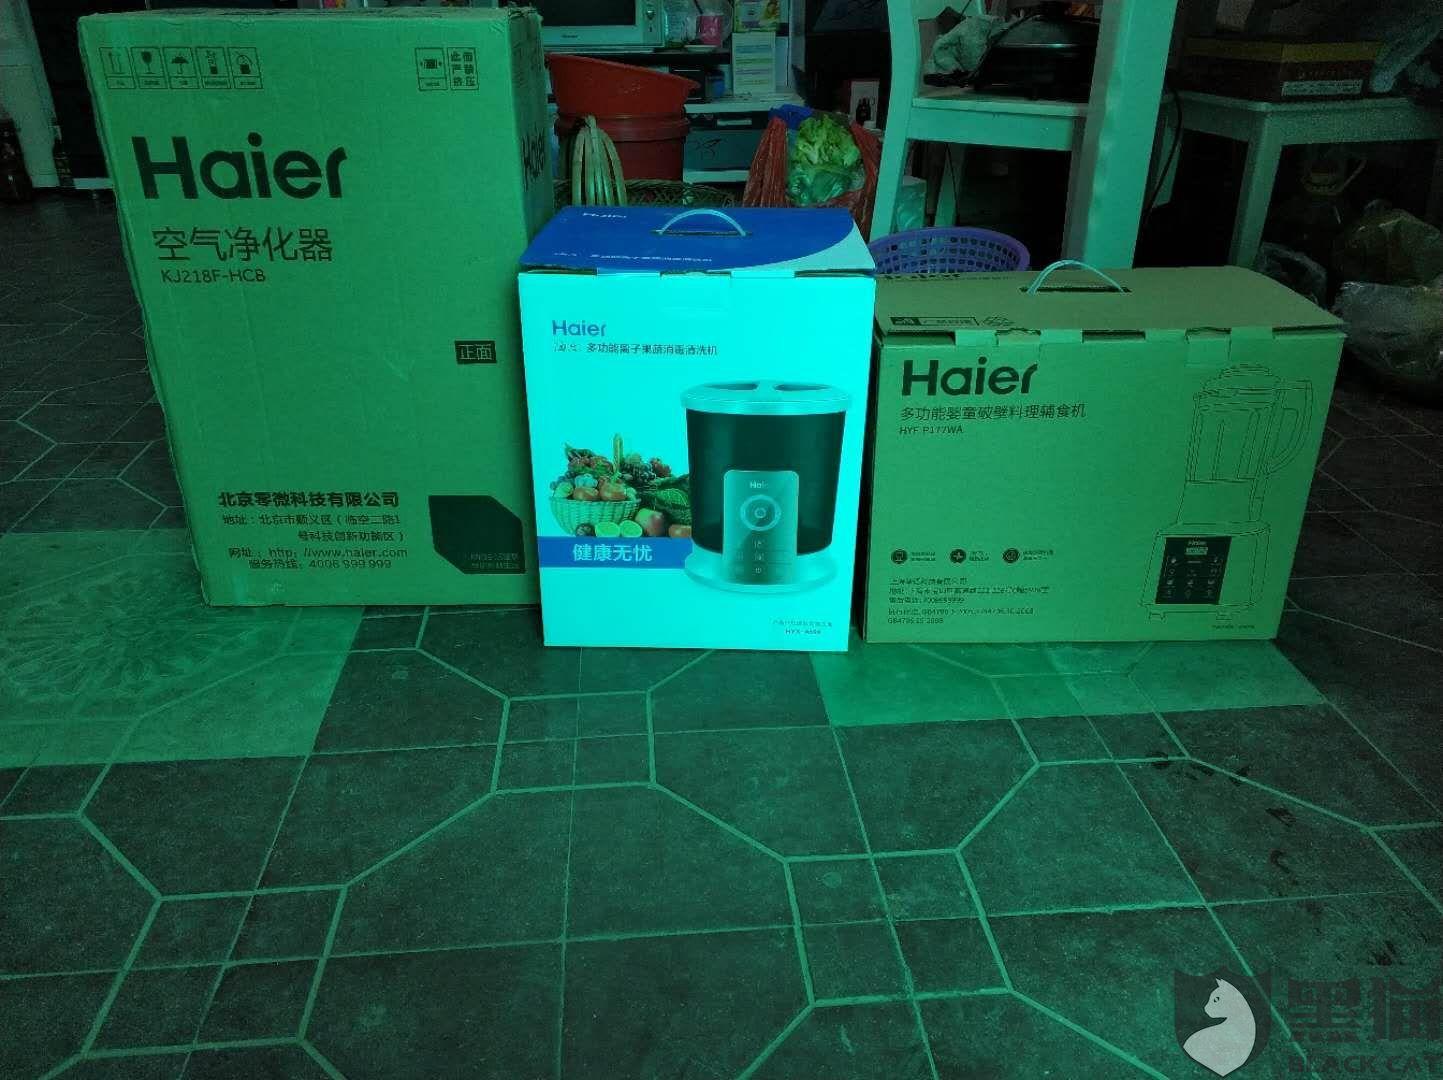 黑猫投诉:海尔集团老客户答谢会推销未上市的果蔬清洗机,诱导购